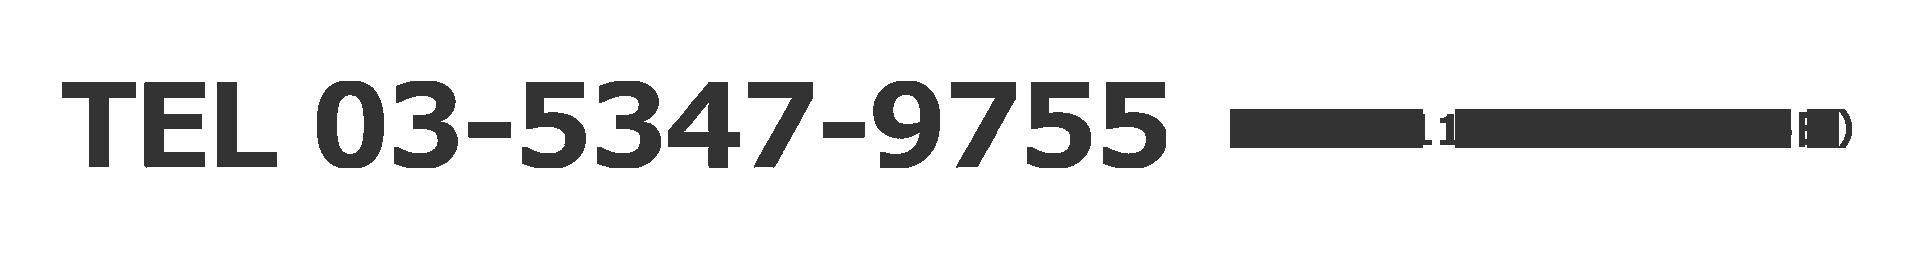 TEL:03-5347-9755 [受付時間] 11:00〜19:00(平日)